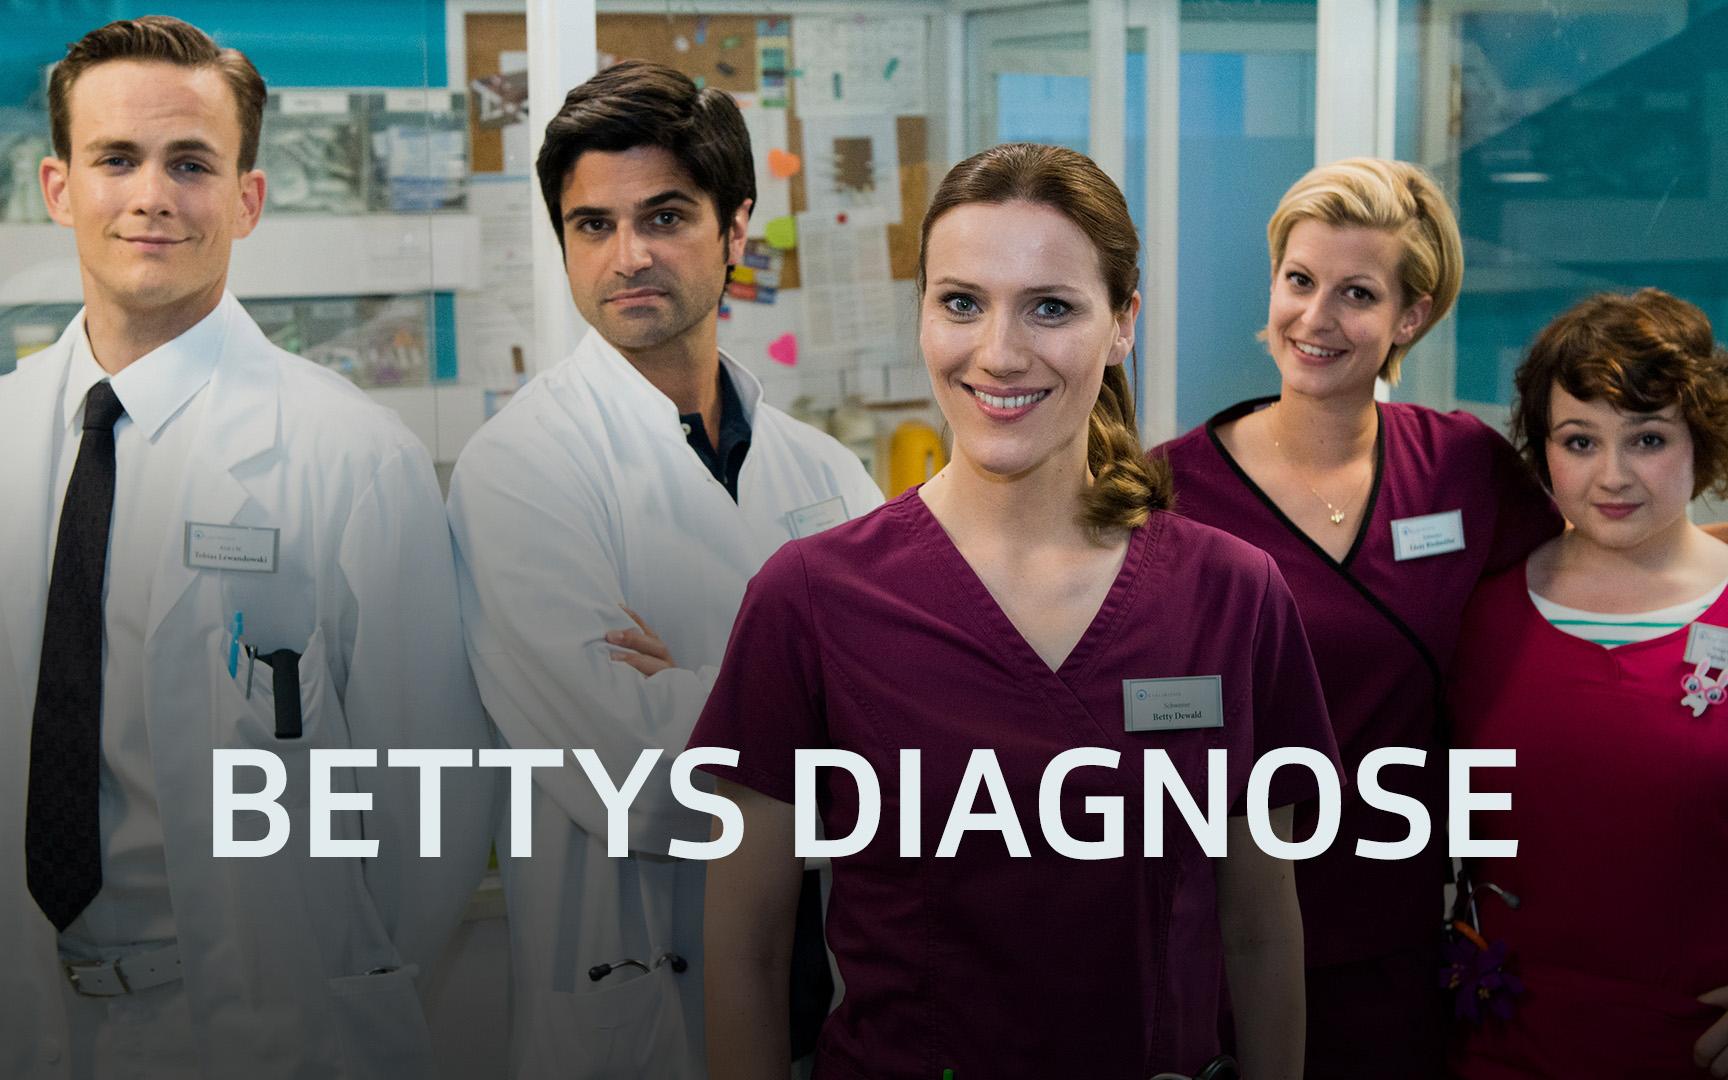 Beti i njene dijagnoze bettys diagnose for Bettys diagnose